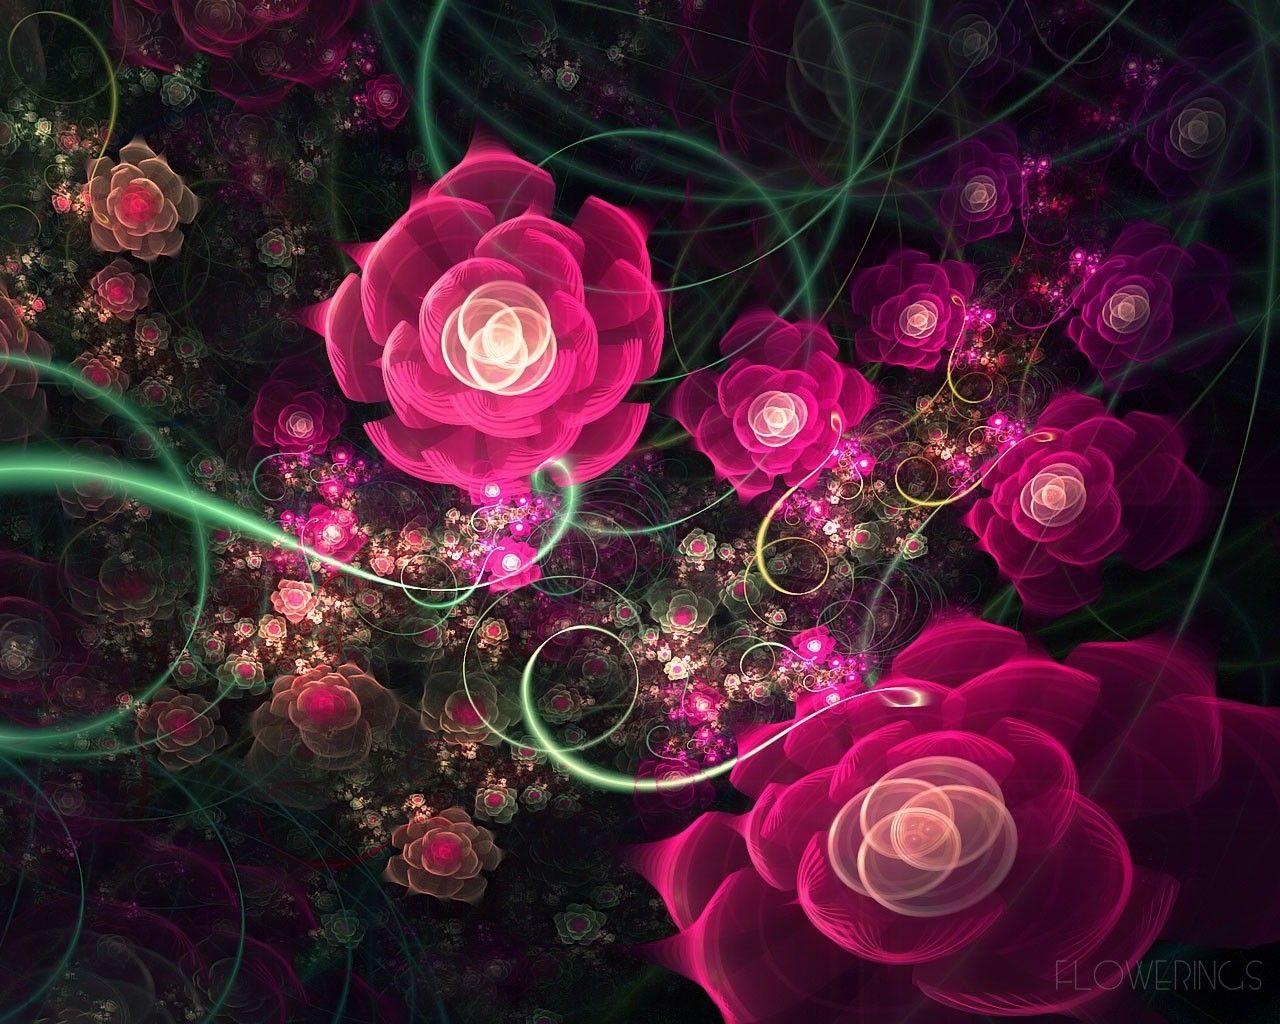 Skachat 1280x1024 Abstrakciya Fraktal Rozovyj Cvety Cvetenie Fractal Art Galaxy S8 Wallpaper Flower Art